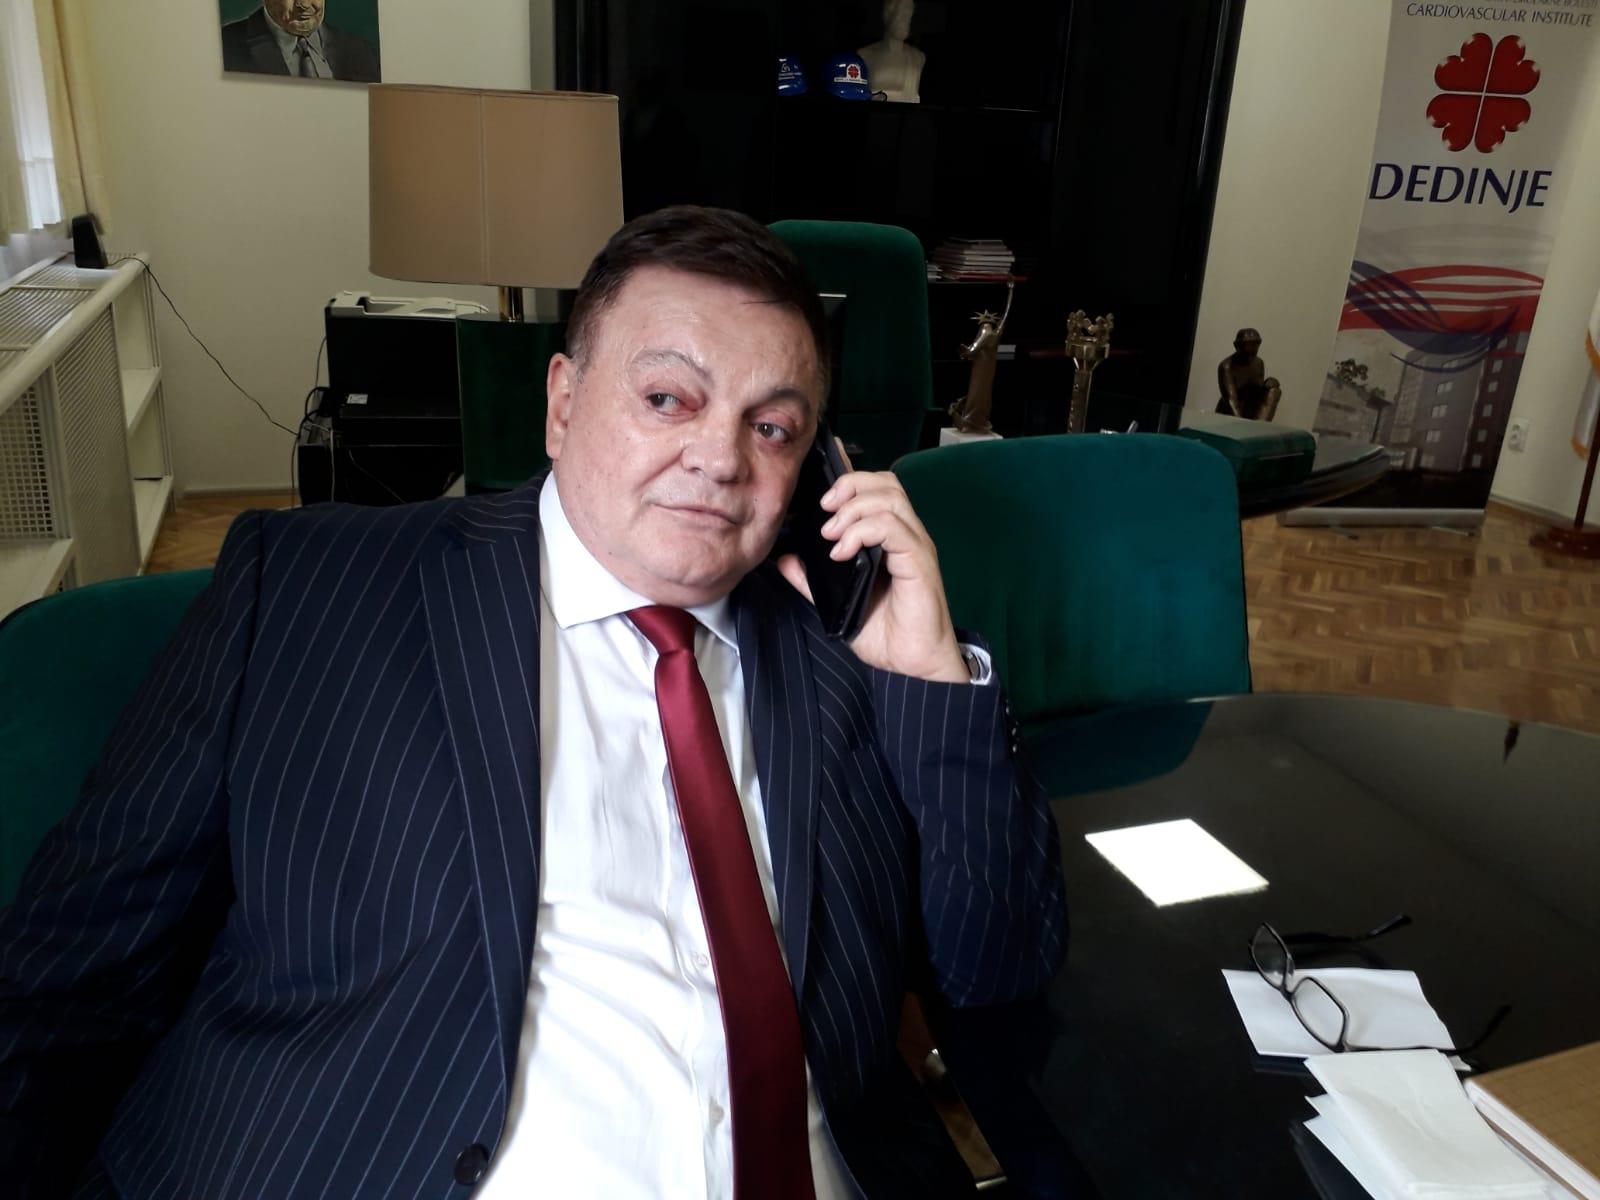 """Go to Ексклузивно са института """"Дедиње"""": др Бојић о новим пројектима"""